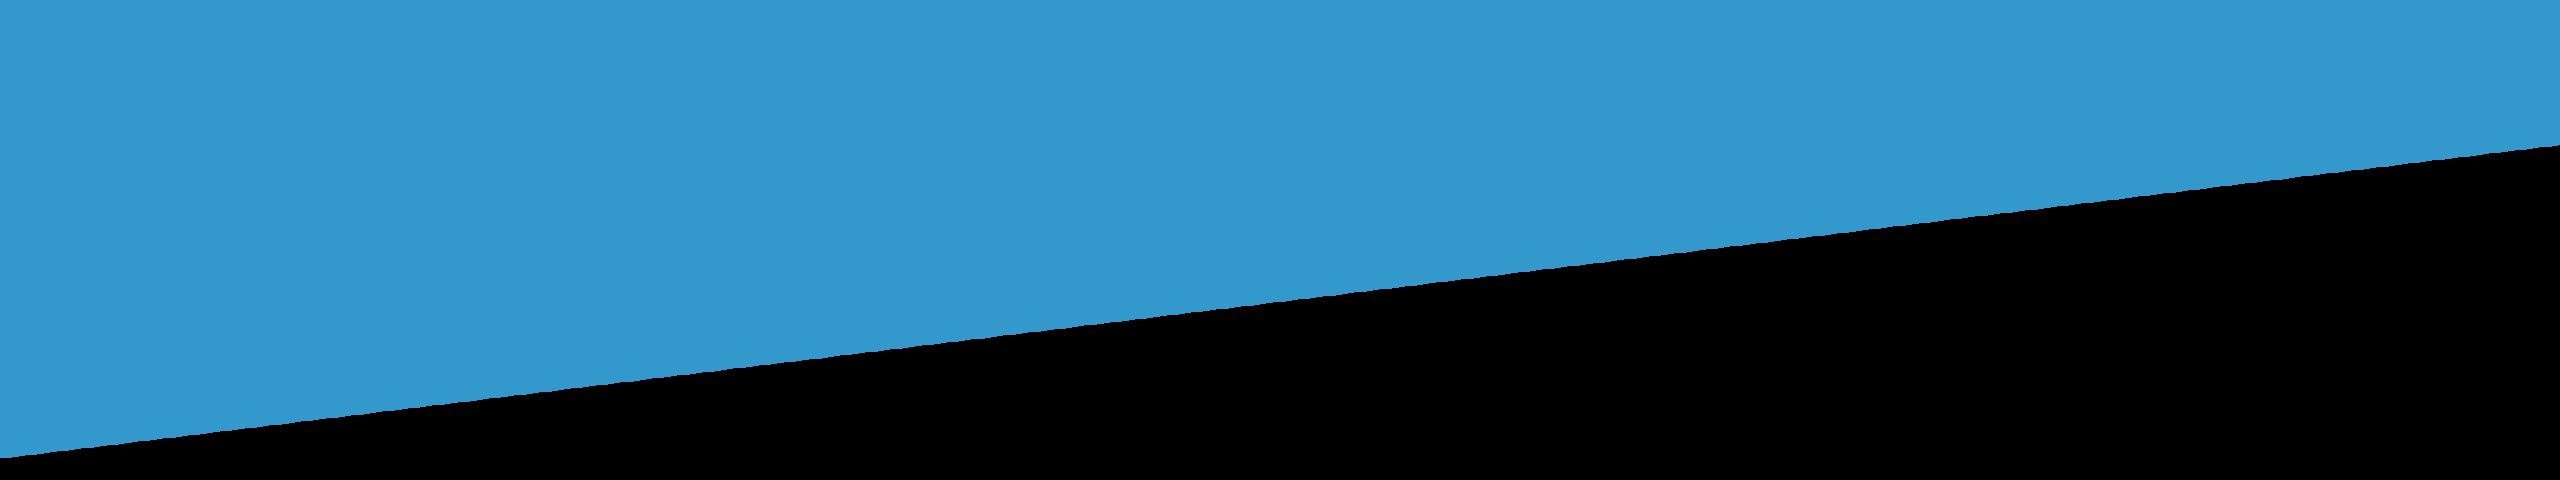 scheidinglichtblauw-3